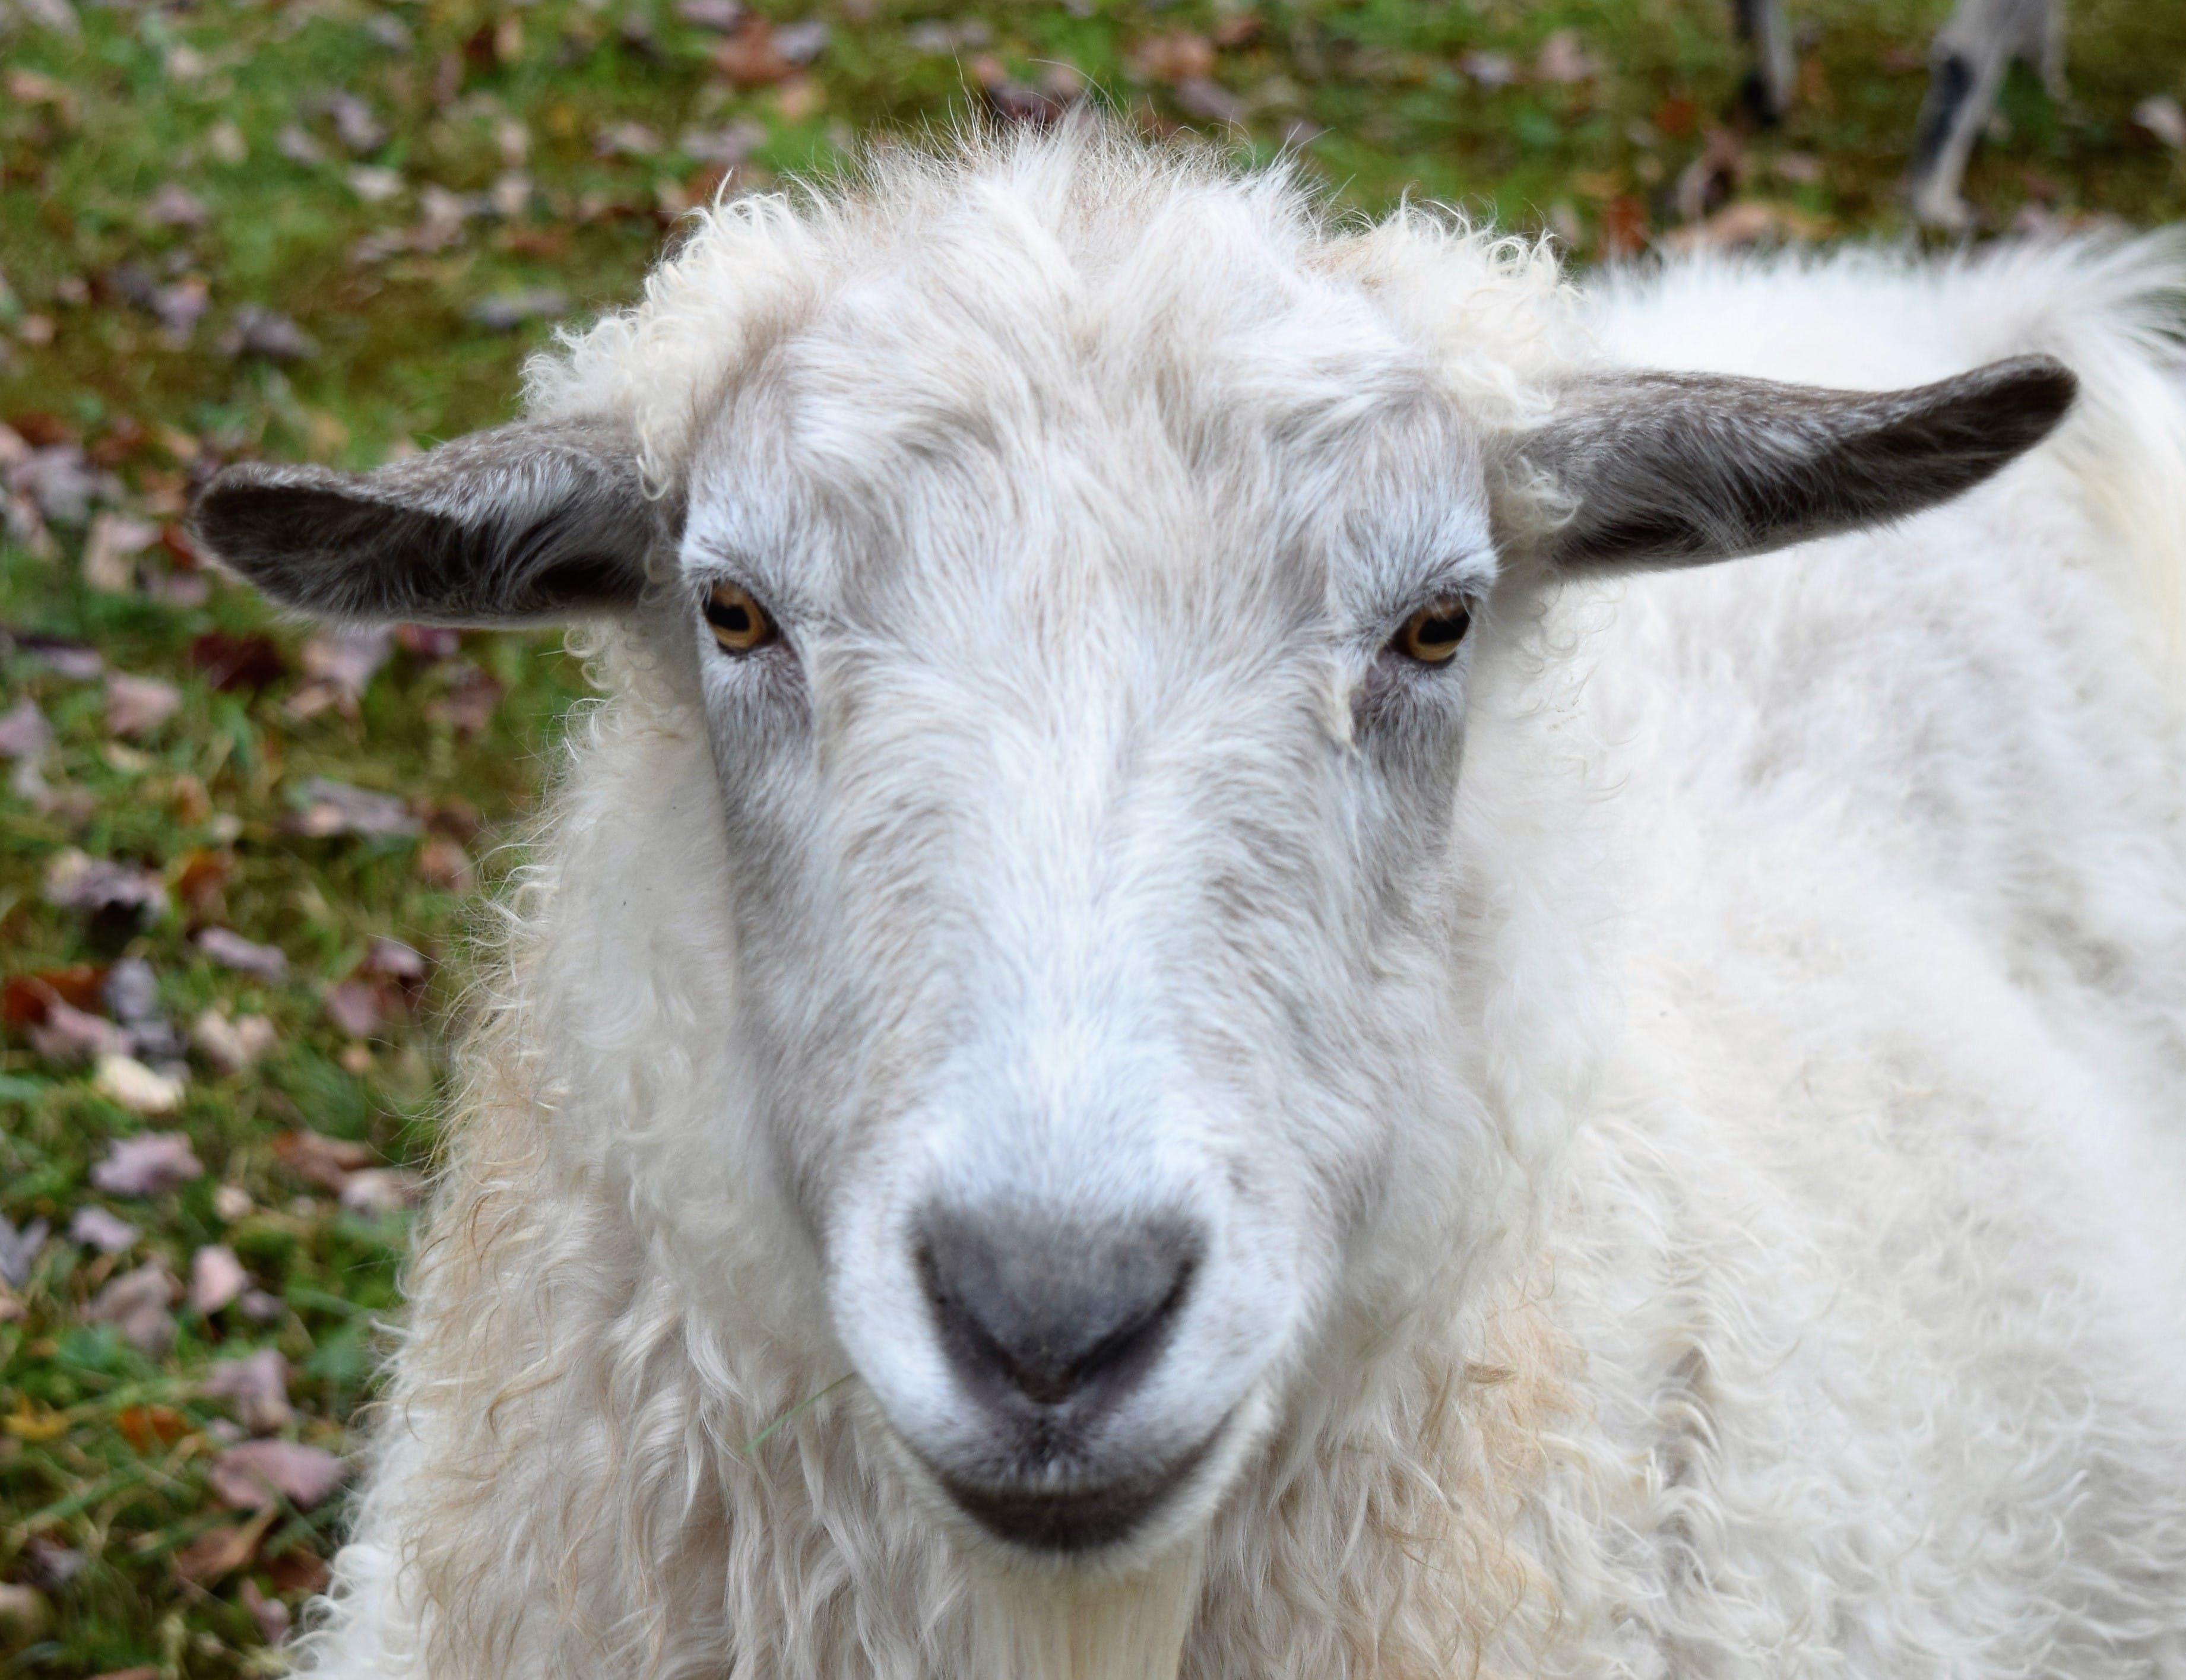 下田, 動物, 動物攝影, 哺乳動物 的 免費圖庫相片